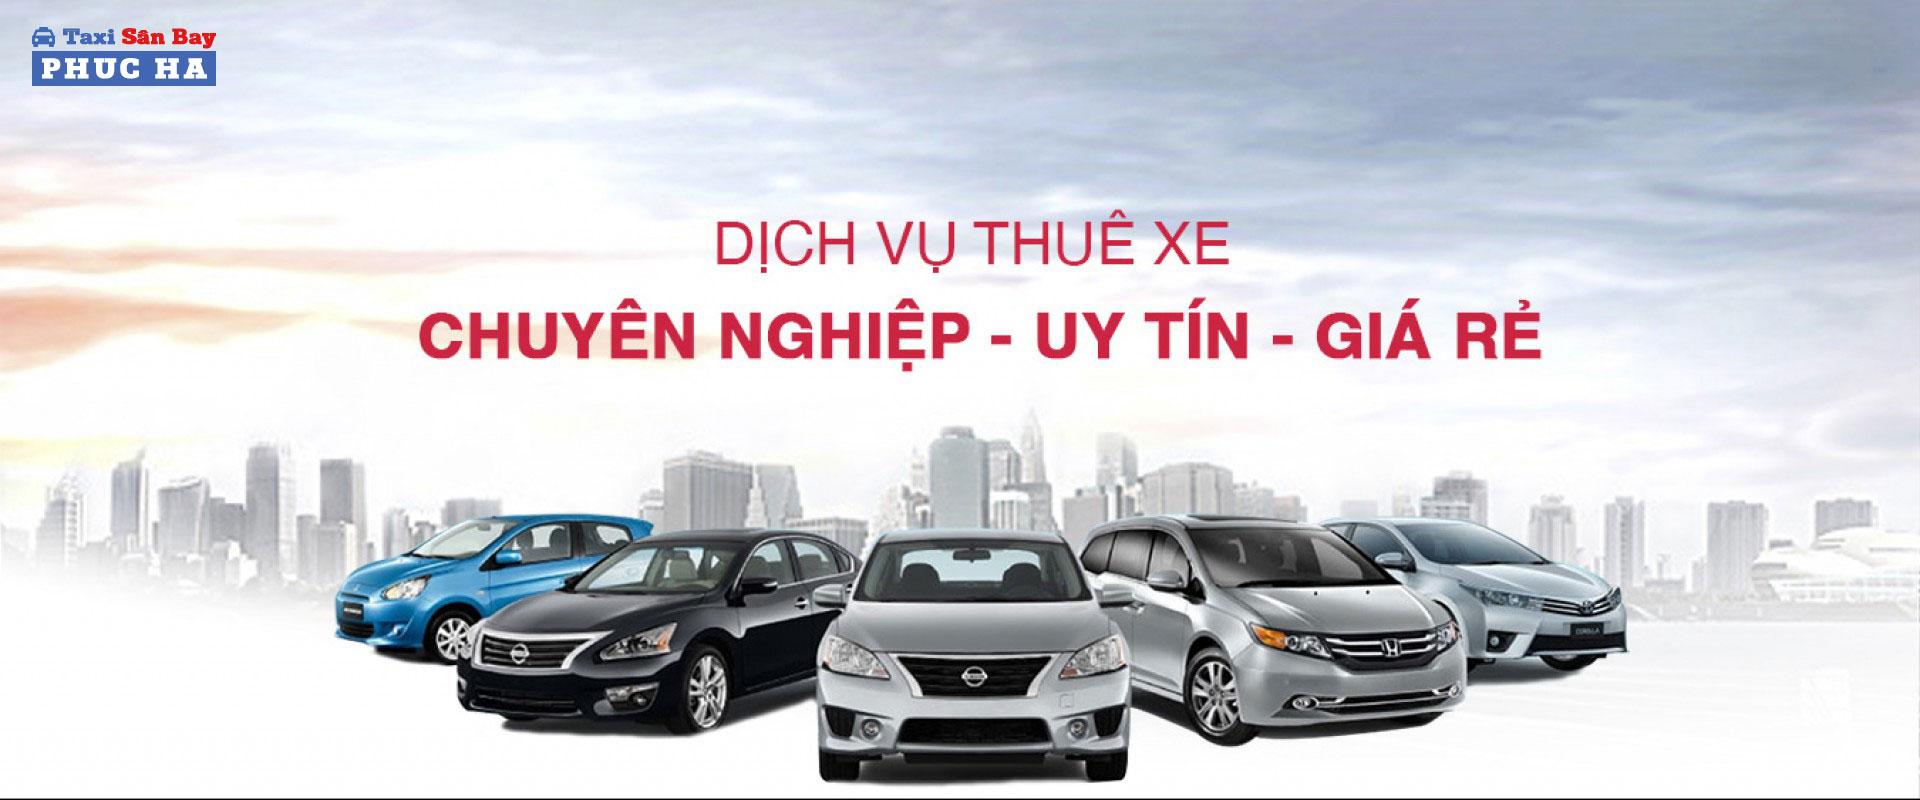 Nội Bài Taxi giá rẻ – Phúc Hà Taxi